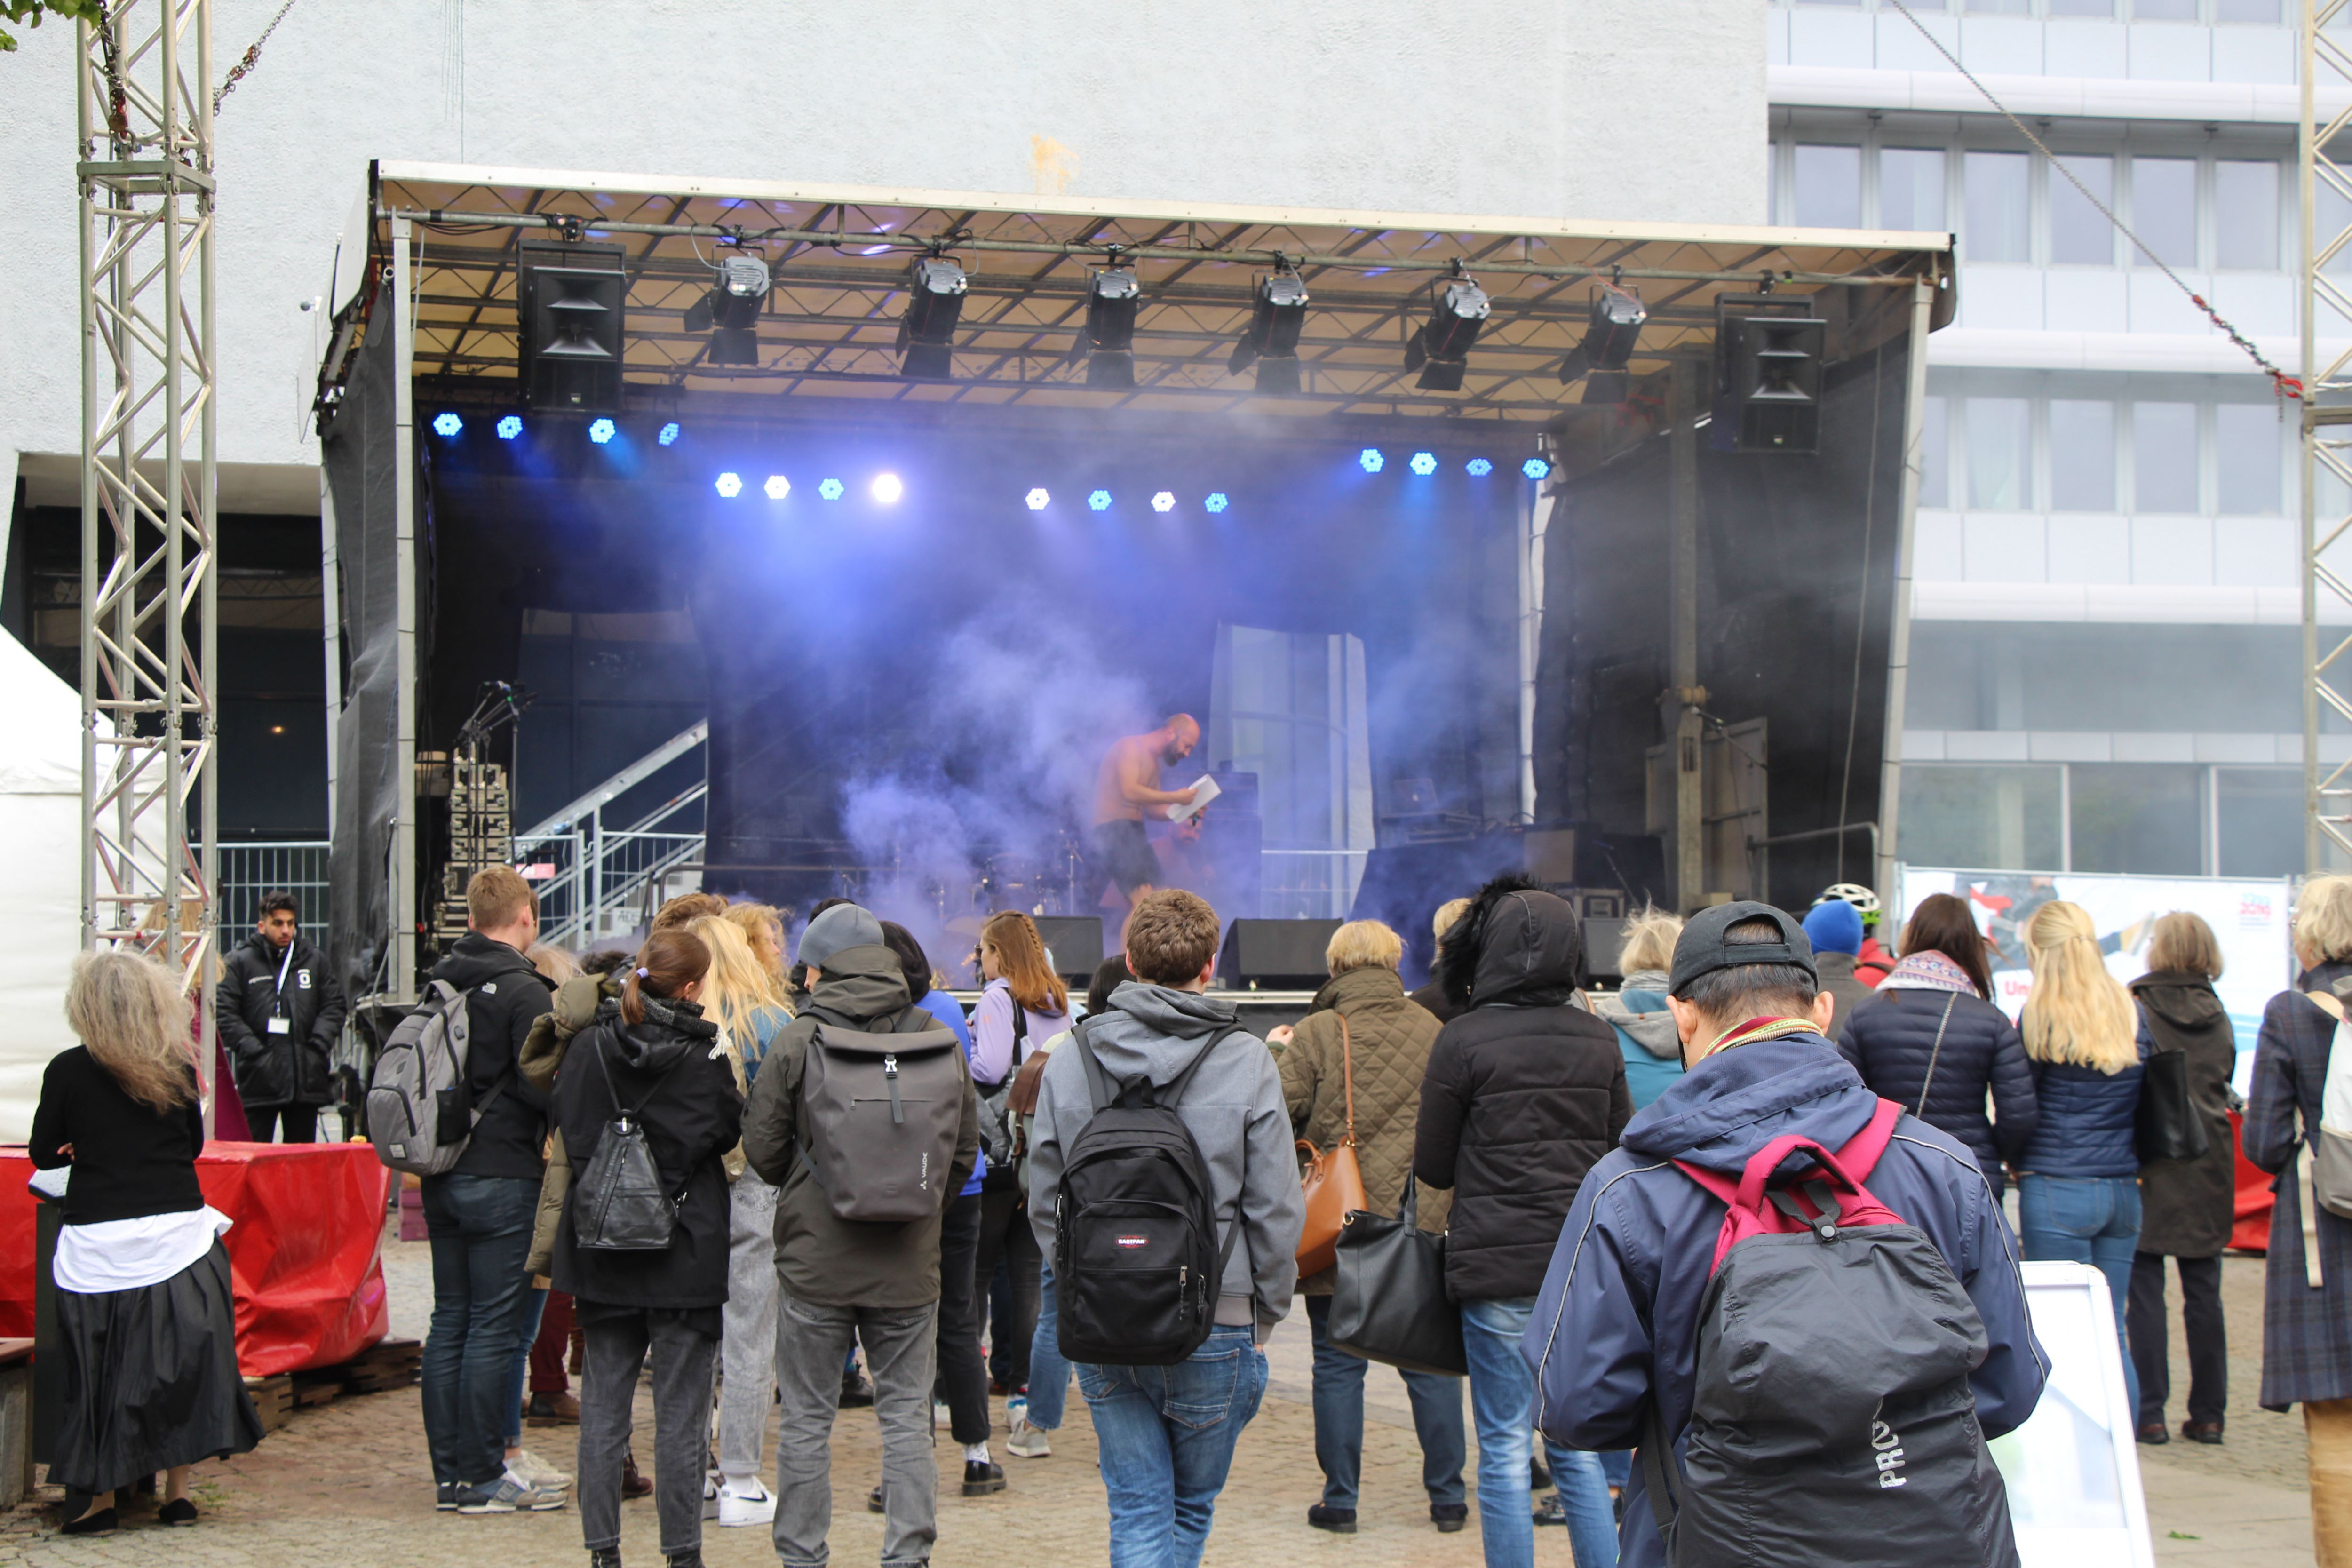 Auf dem Campus sind Poetryslammer und Musiker aufgetreten. Foto: Alicia Wischhusen